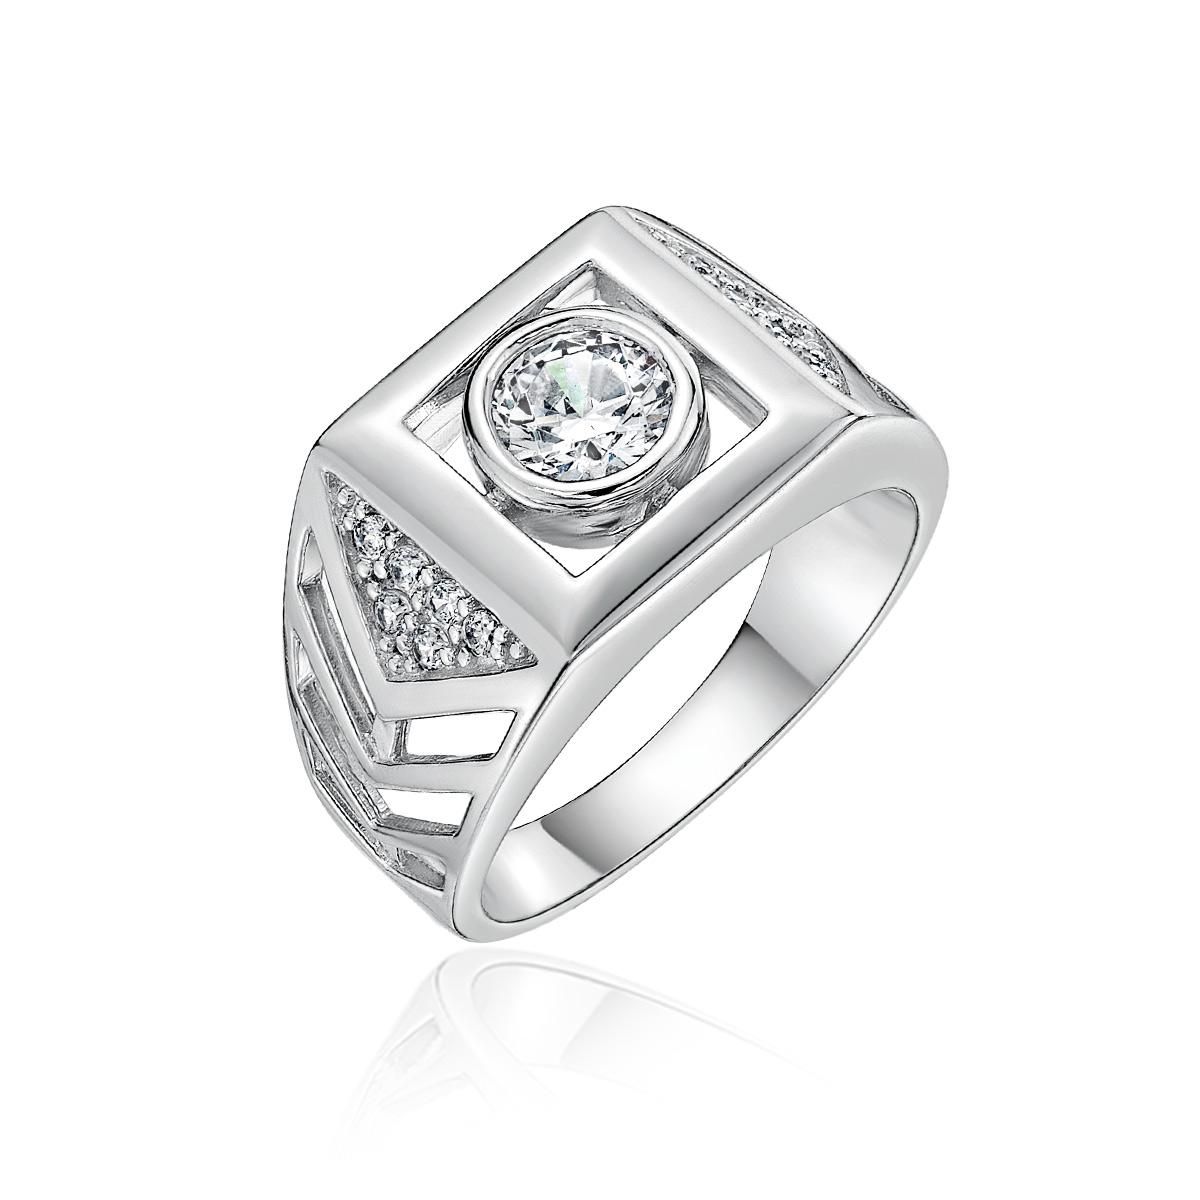 KSM16 璀璨軌跡-個性方圍鑽石戒指